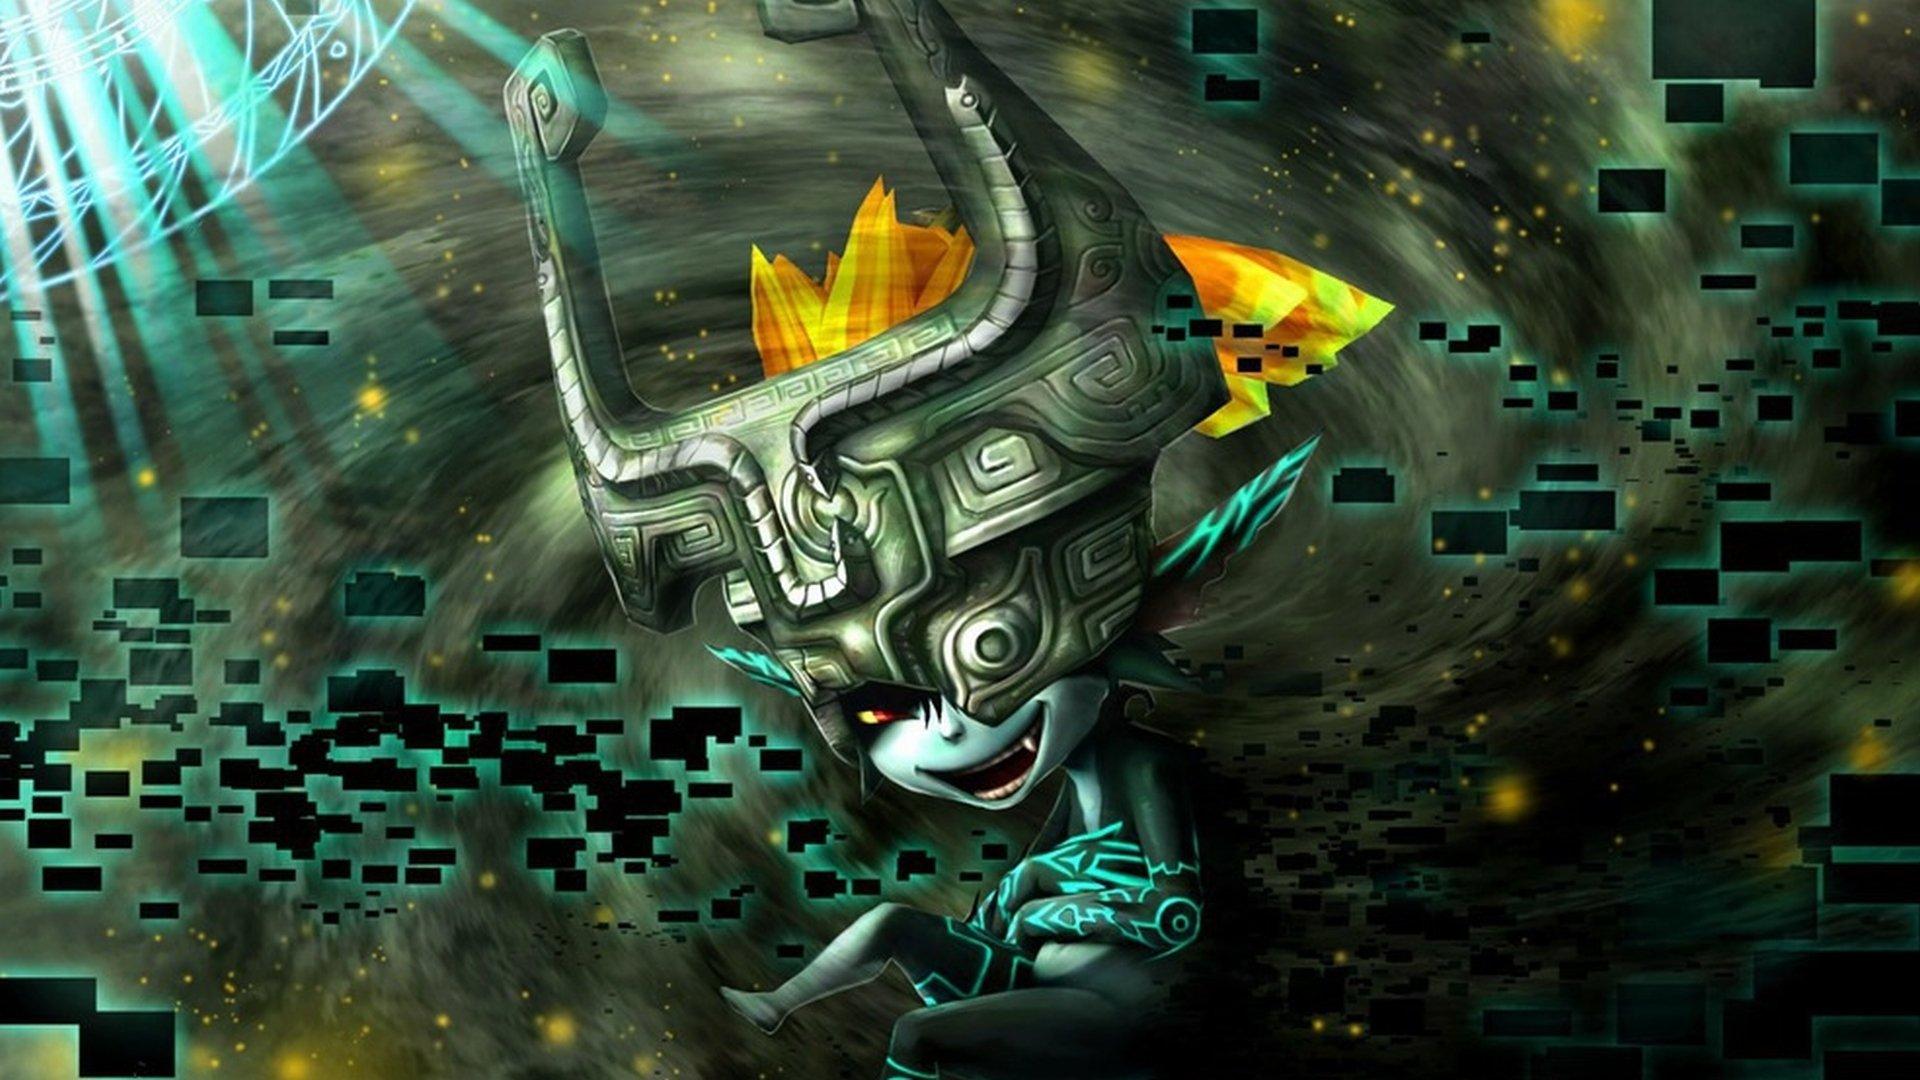 Video Game - The Legend Of Zelda: Twilight Princess  Zelda Midna (The Legend of Zelda) Wallpaper